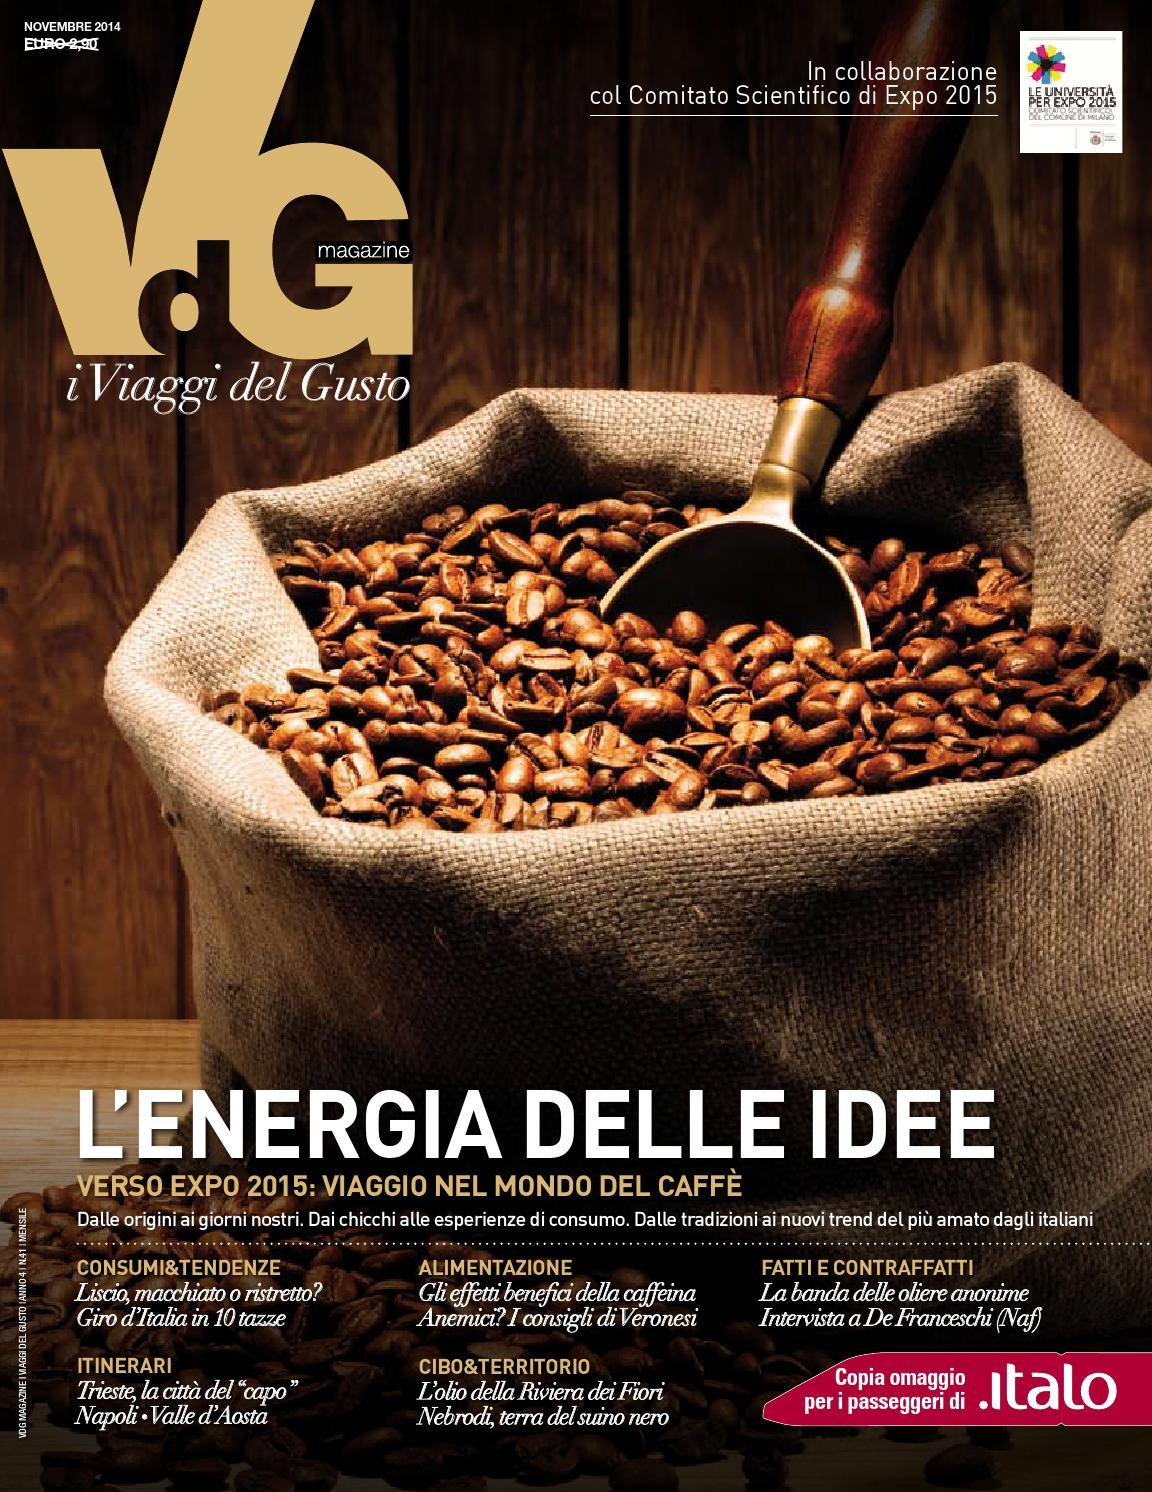 VdG Novembre 2014 by vdgmagazine - issuu 994369fddba9